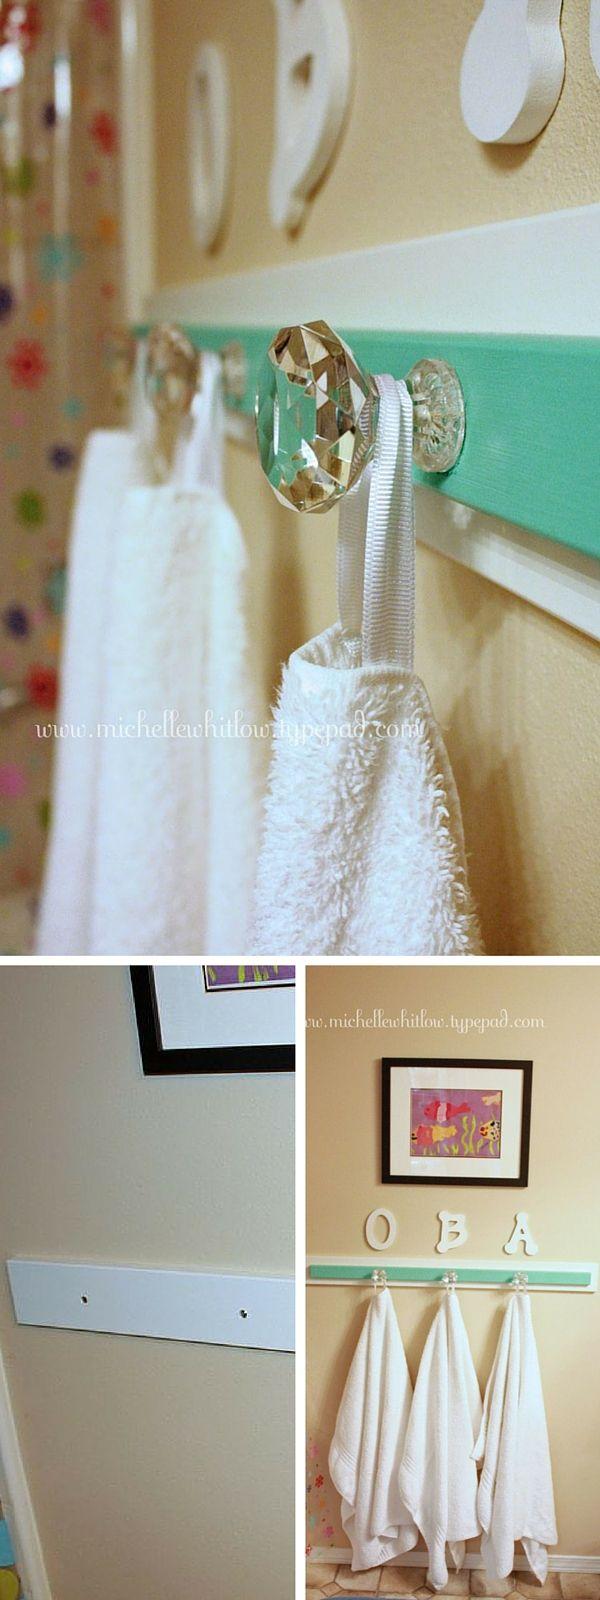 Bathroom towel hooks ideas